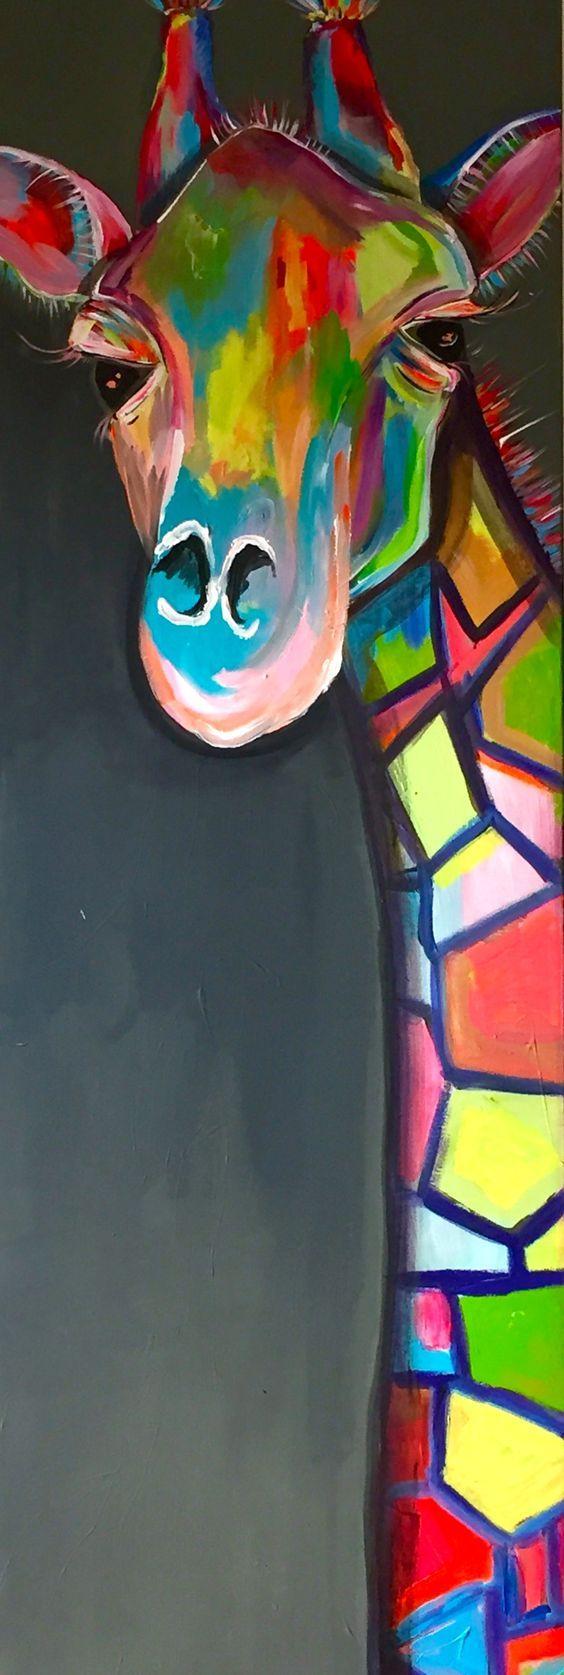 Meine Bilder sollen Spaß machen und dürfen auch zum Schmunzeln anregen. Ich male vor allem farbstarke Tier- und Pflanzenbilder, die ich unter anderem mittels Proportion und Farbe verfremde. Bei mir soll und darfes bunt, expressiv und humorvoll sein. In meinem Atelier können Sie die Bilder besichtigen und erwerben. Das Besondere ist aber, dass ich auch … – Pablo